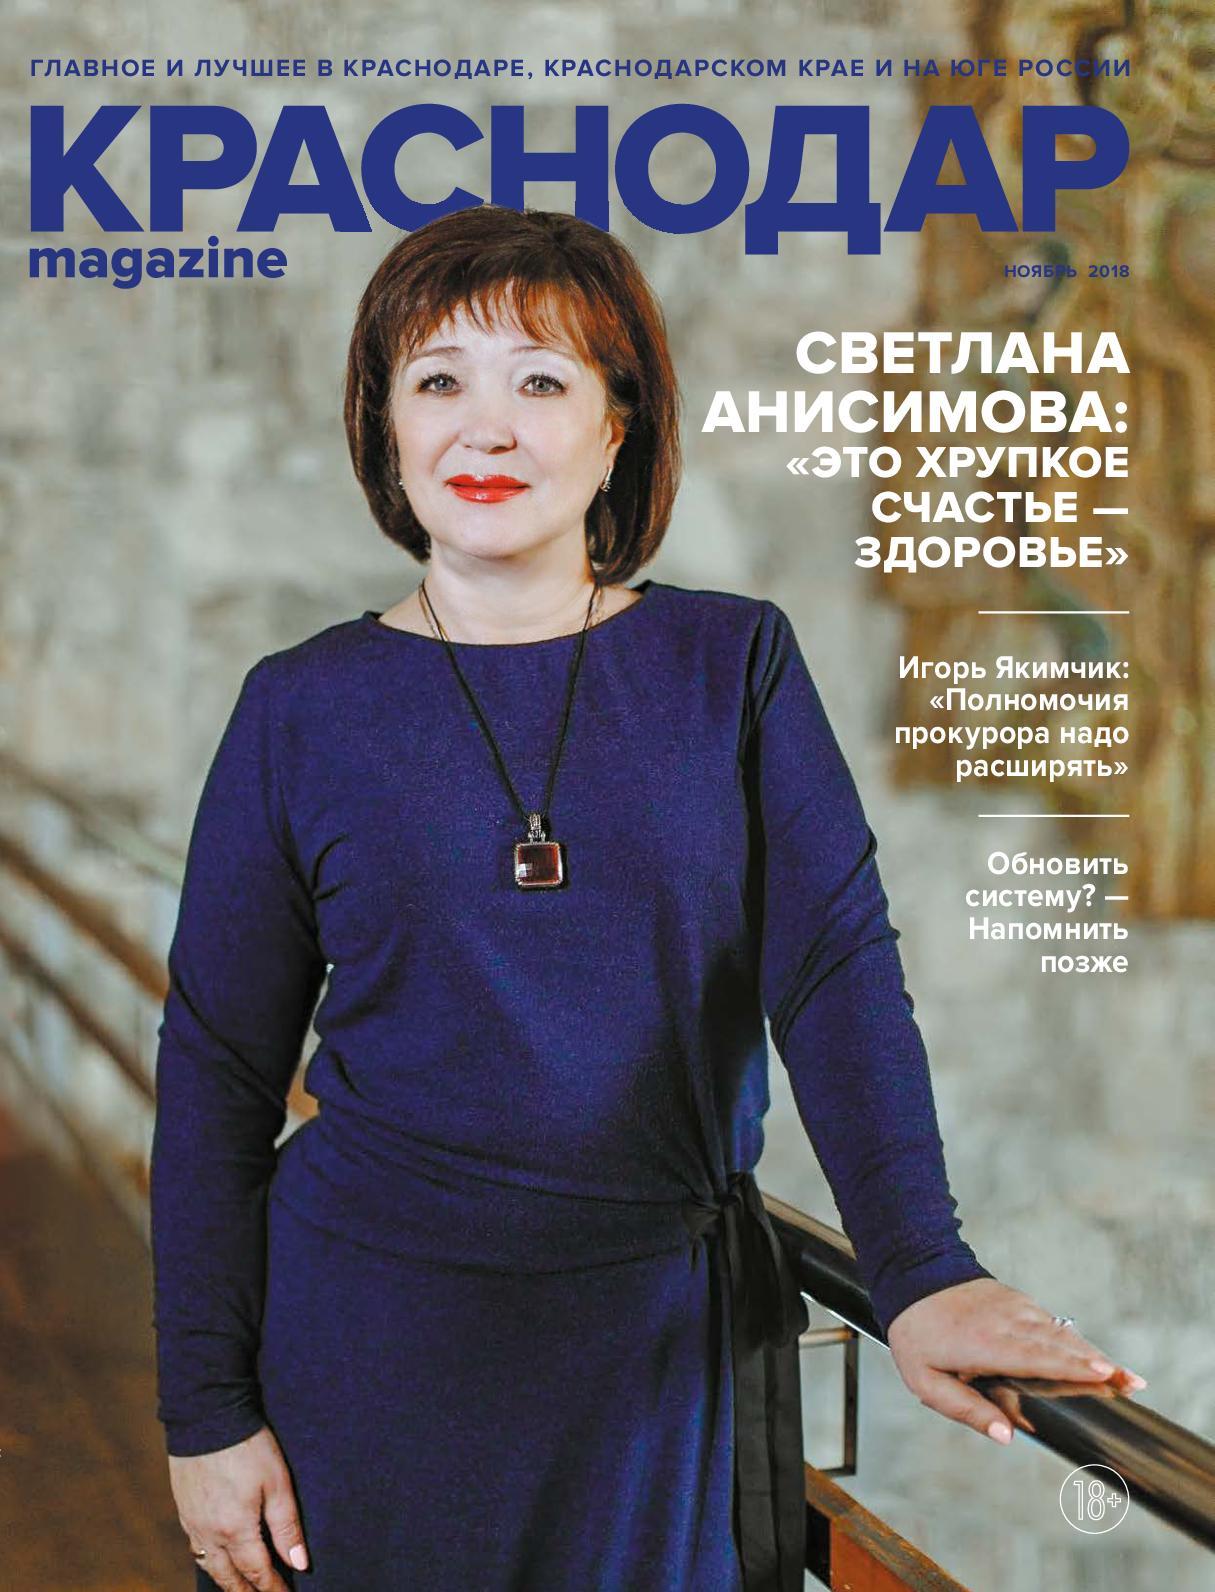 Краснодар Magazine №72, ноябрь 2018